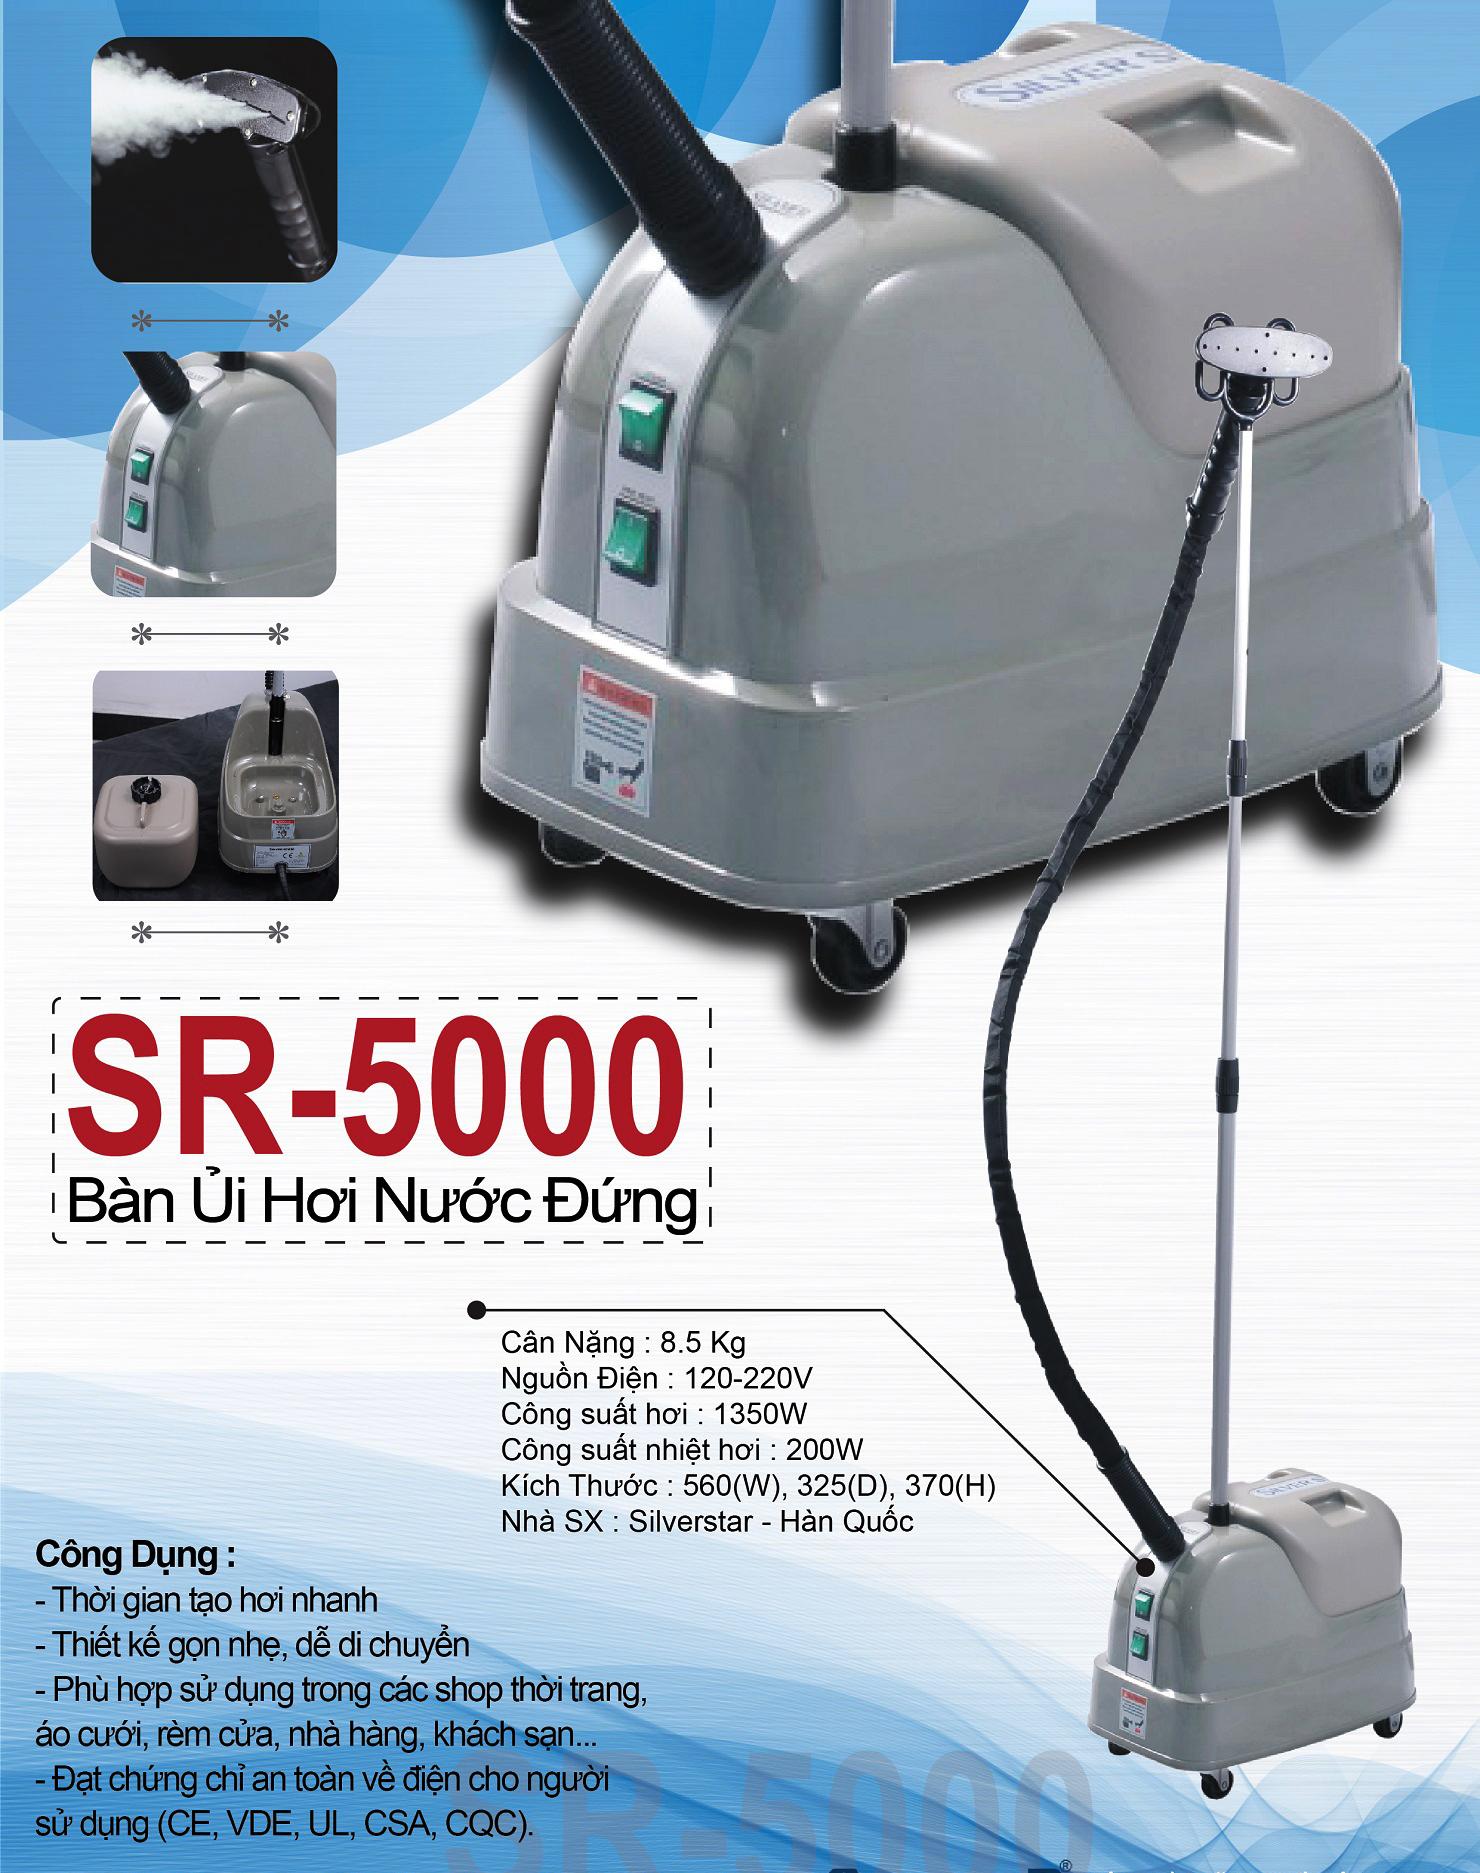 Bàn ủi hơi nước đứng công nghiệp SR-5000 Silver Star